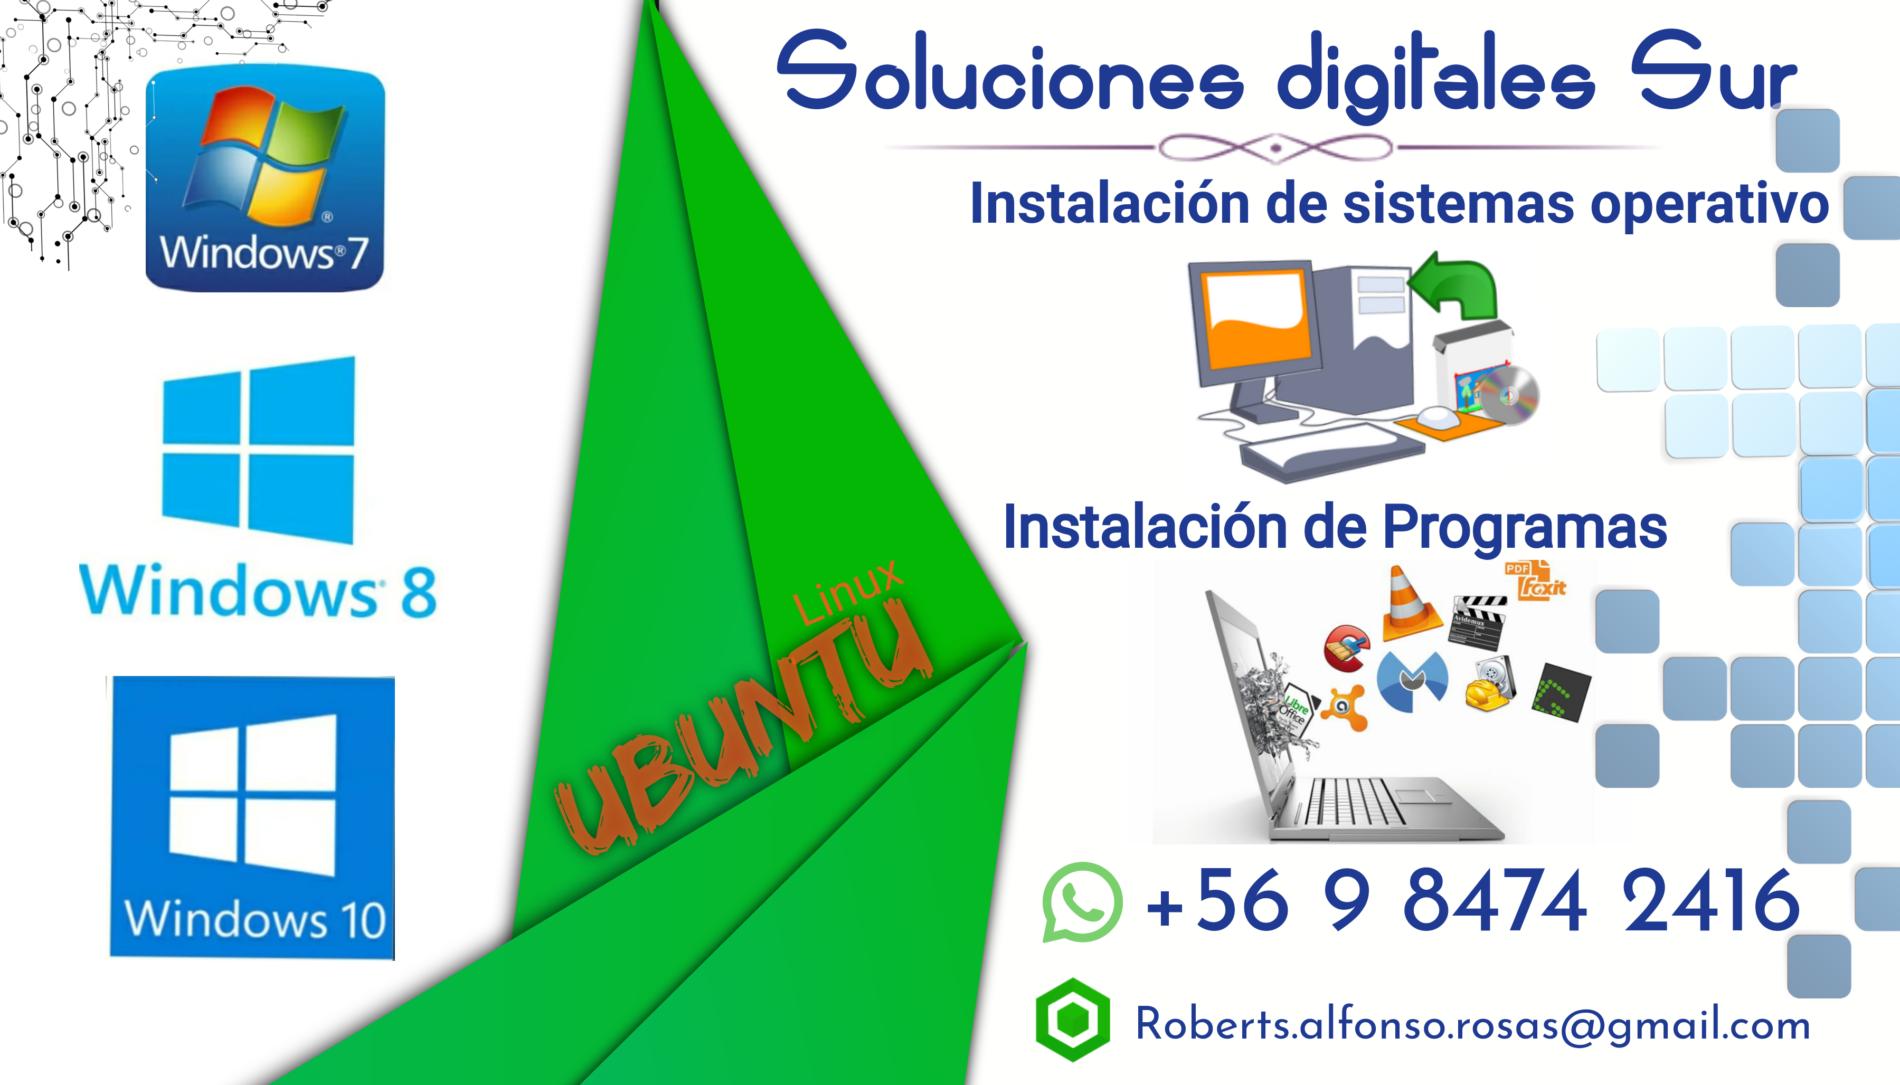 Soluciones digitales